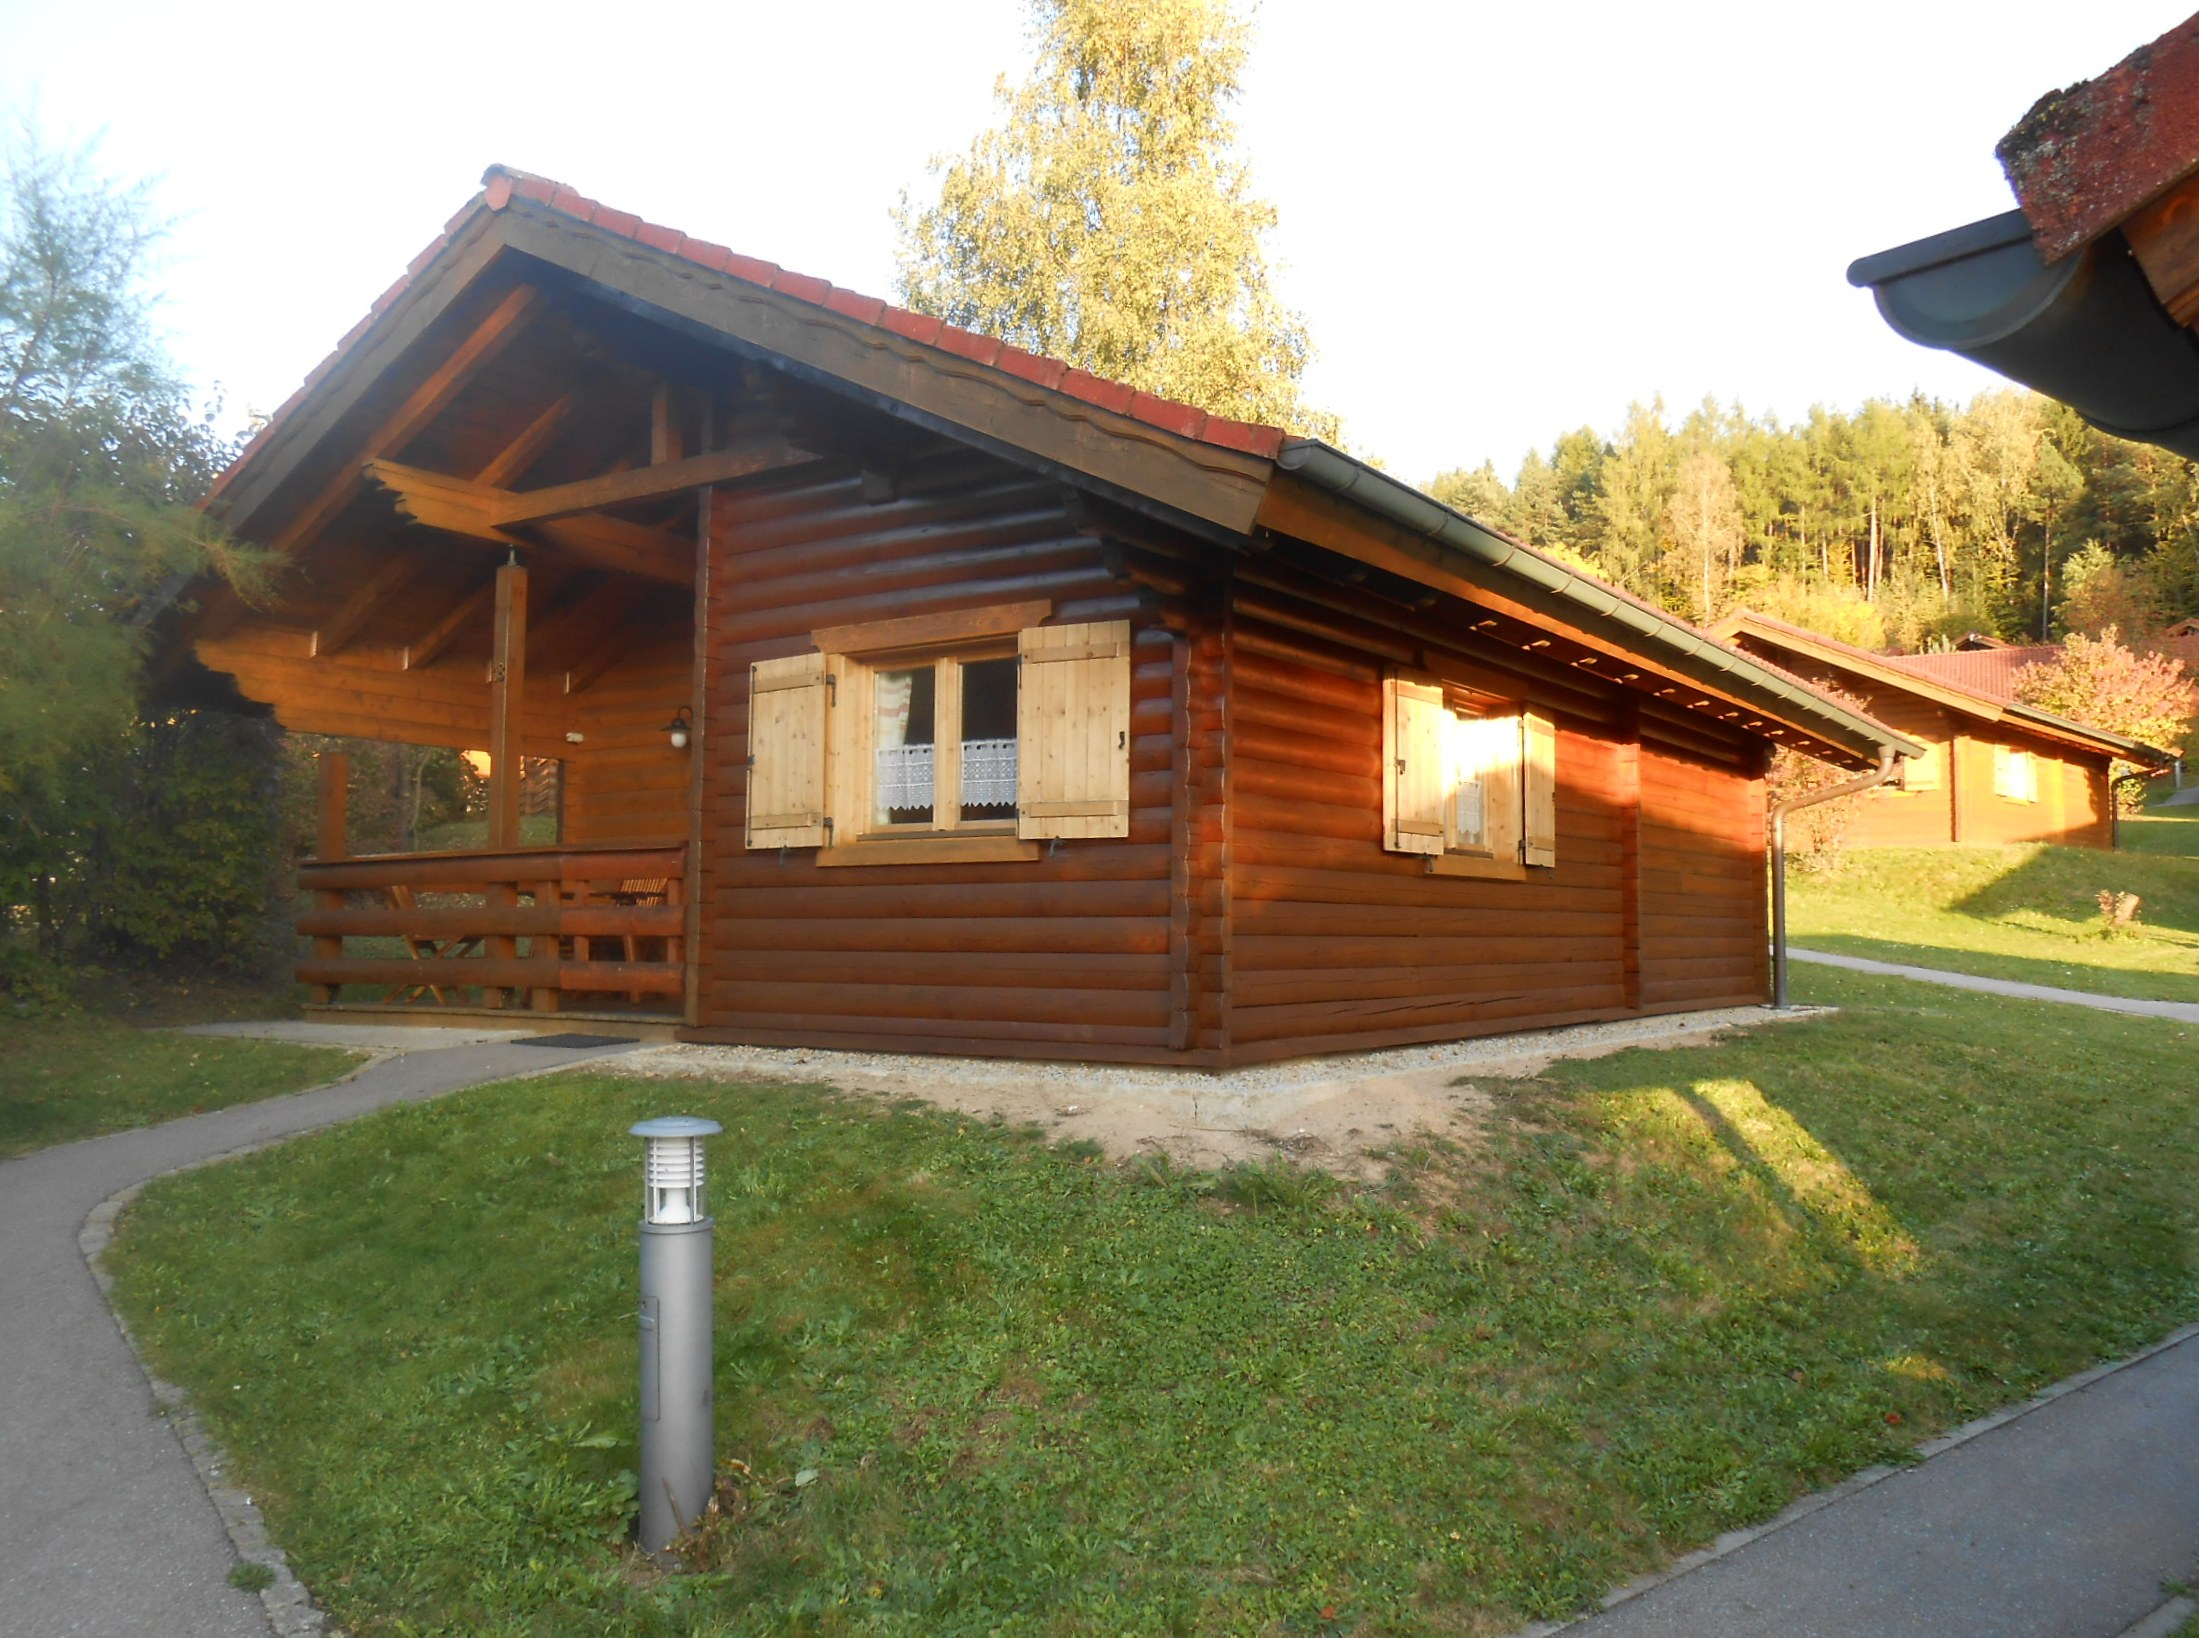 Blockhaus Huneke in Stamsried im Bayerischen Wald